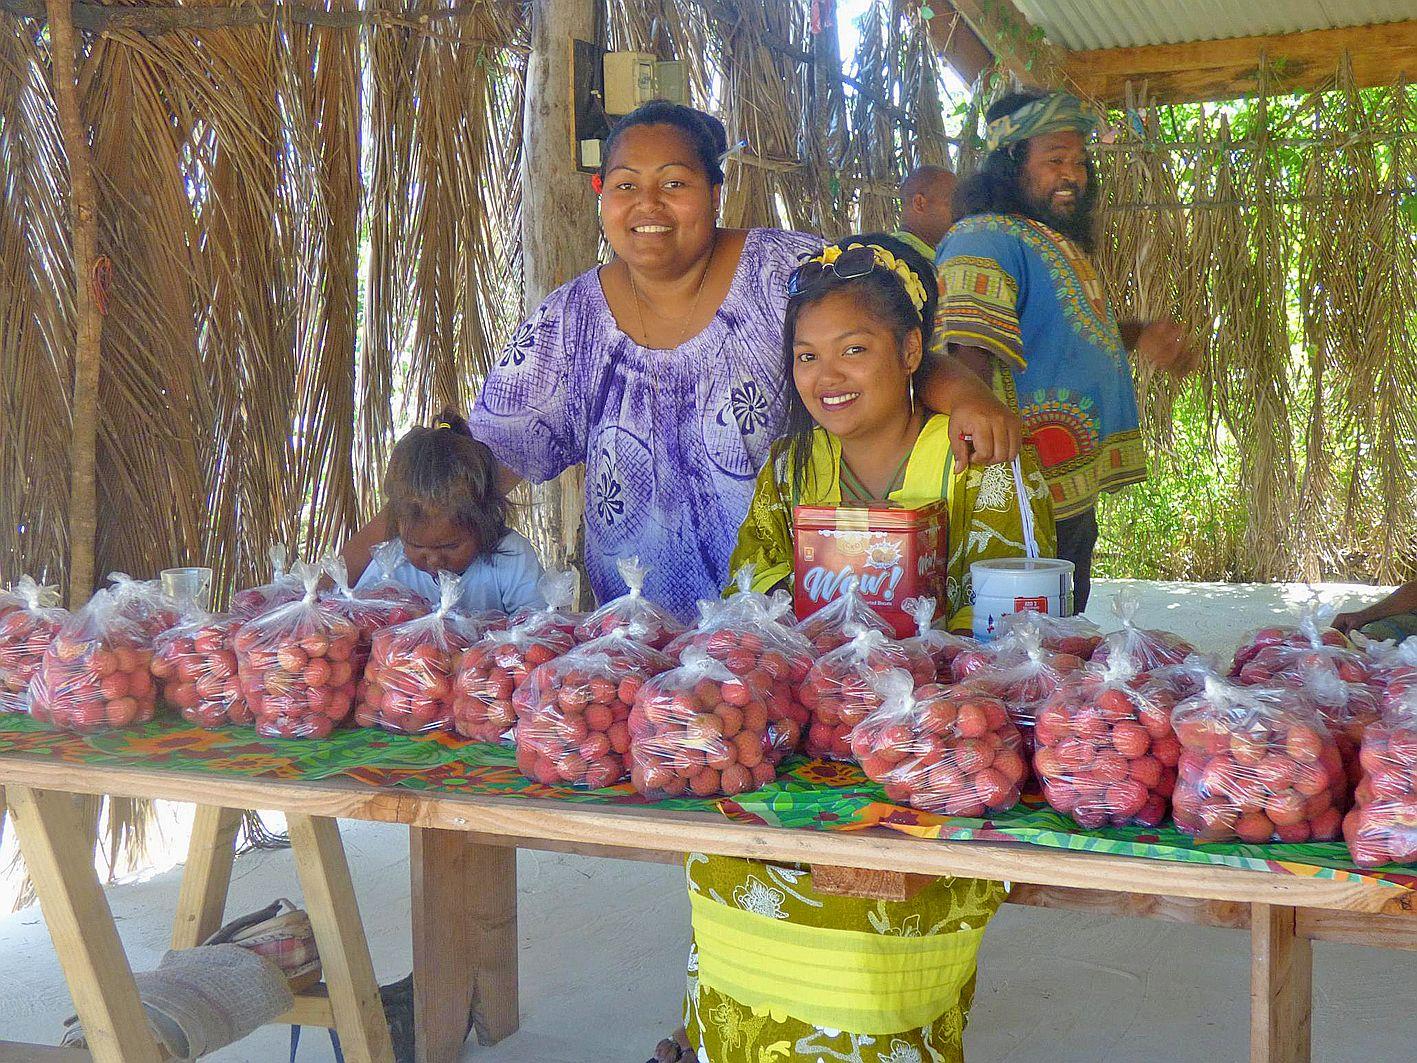 La maison commune de la tribu a accueilli les visiteurs venus célébrer cette journée et faire le plein de letchis, vendus en filet d'un kilo au prix de 1 000 francs, soit le double de l'année précédente.